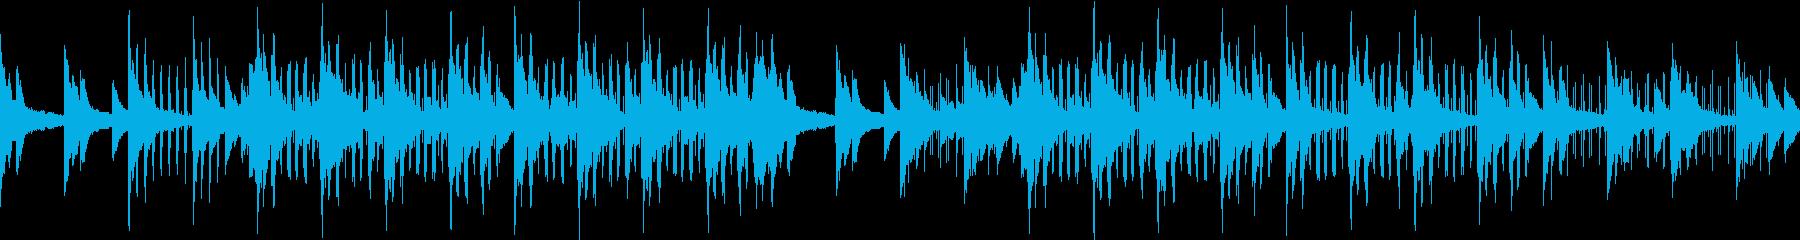 切ない・おしゃれ・寂しげ・ピアノサウンドの再生済みの波形